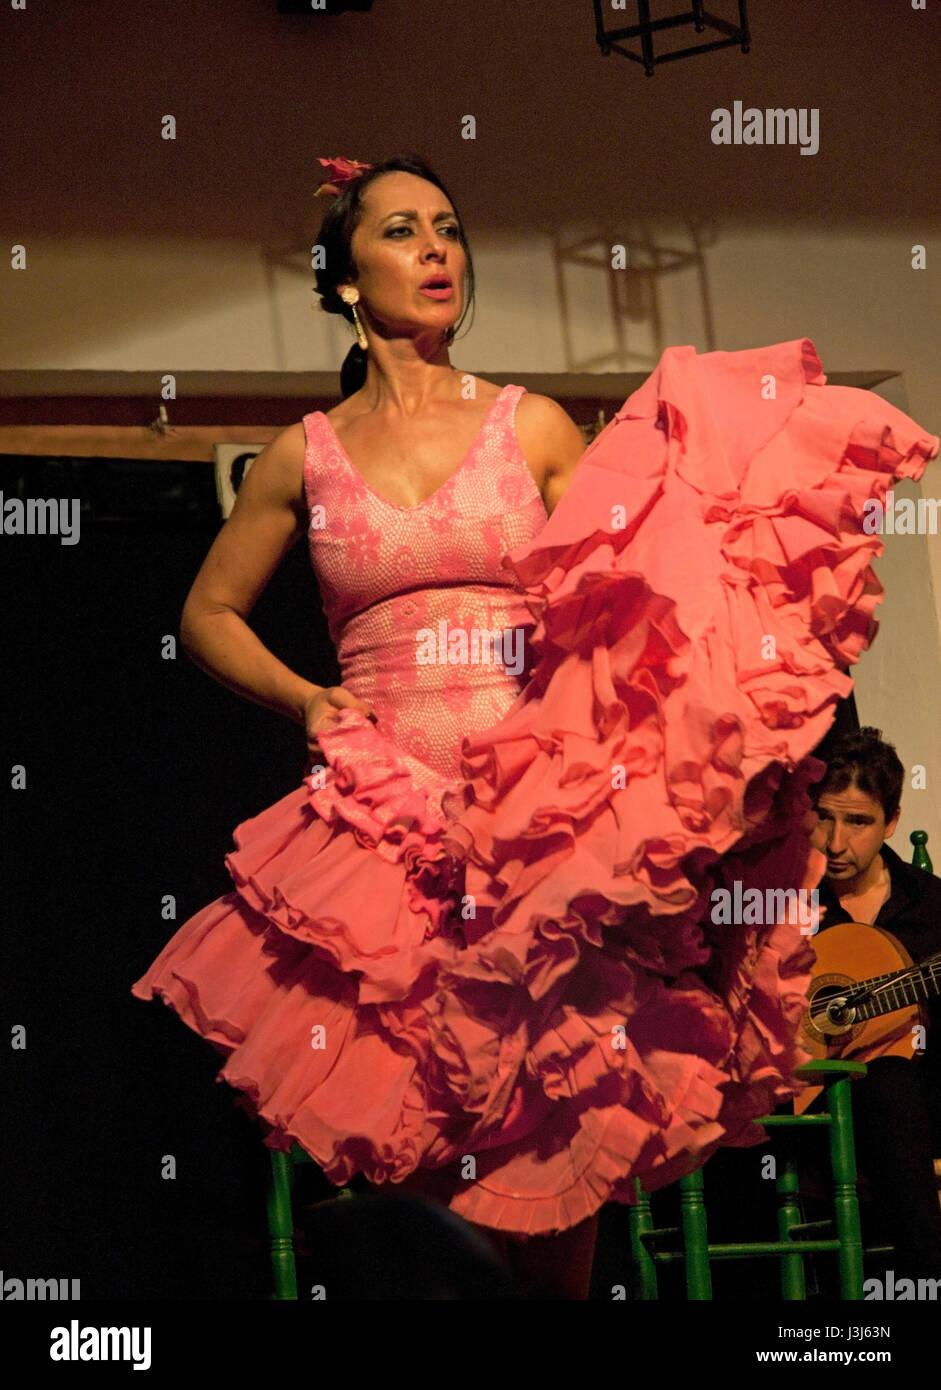 Dancing to flamenco music in Cordoba, Spain - Stock Image